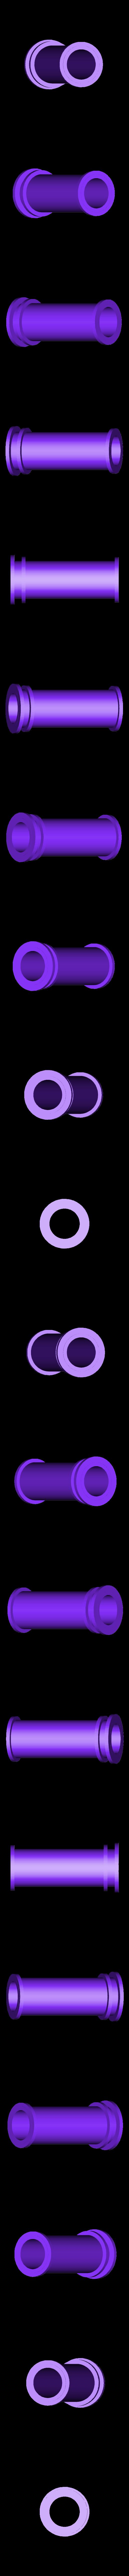 spool_holder_vertical.stl Télécharger fichier STL gratuit Porte-bobine pour Anycubic I3 Mega - étendu • Plan pour imprimante 3D, marigu